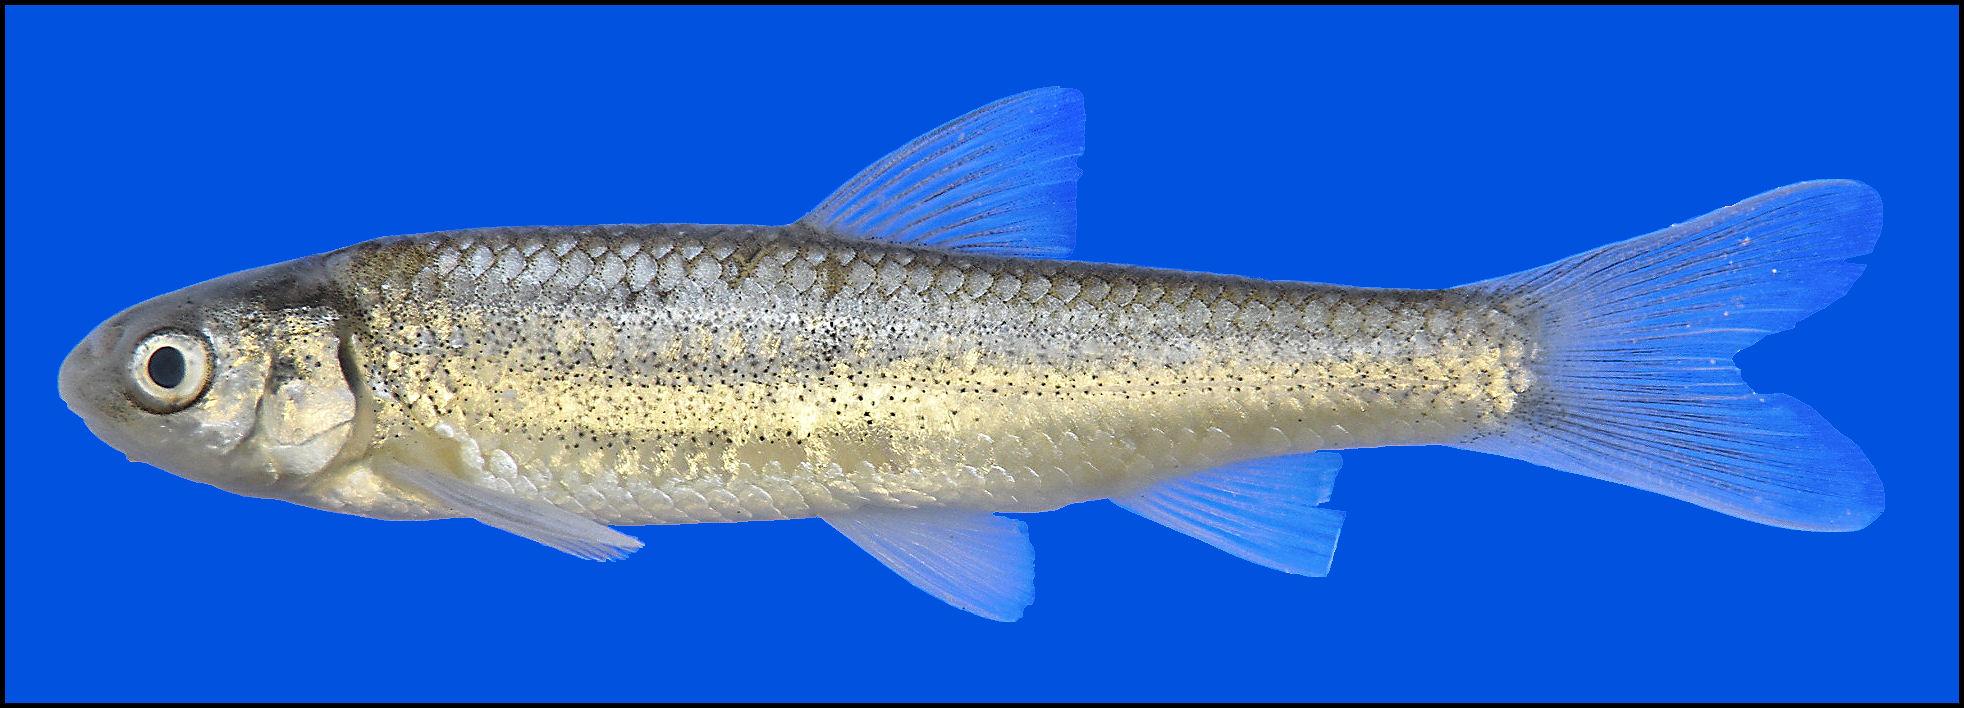 hybognathus amarus